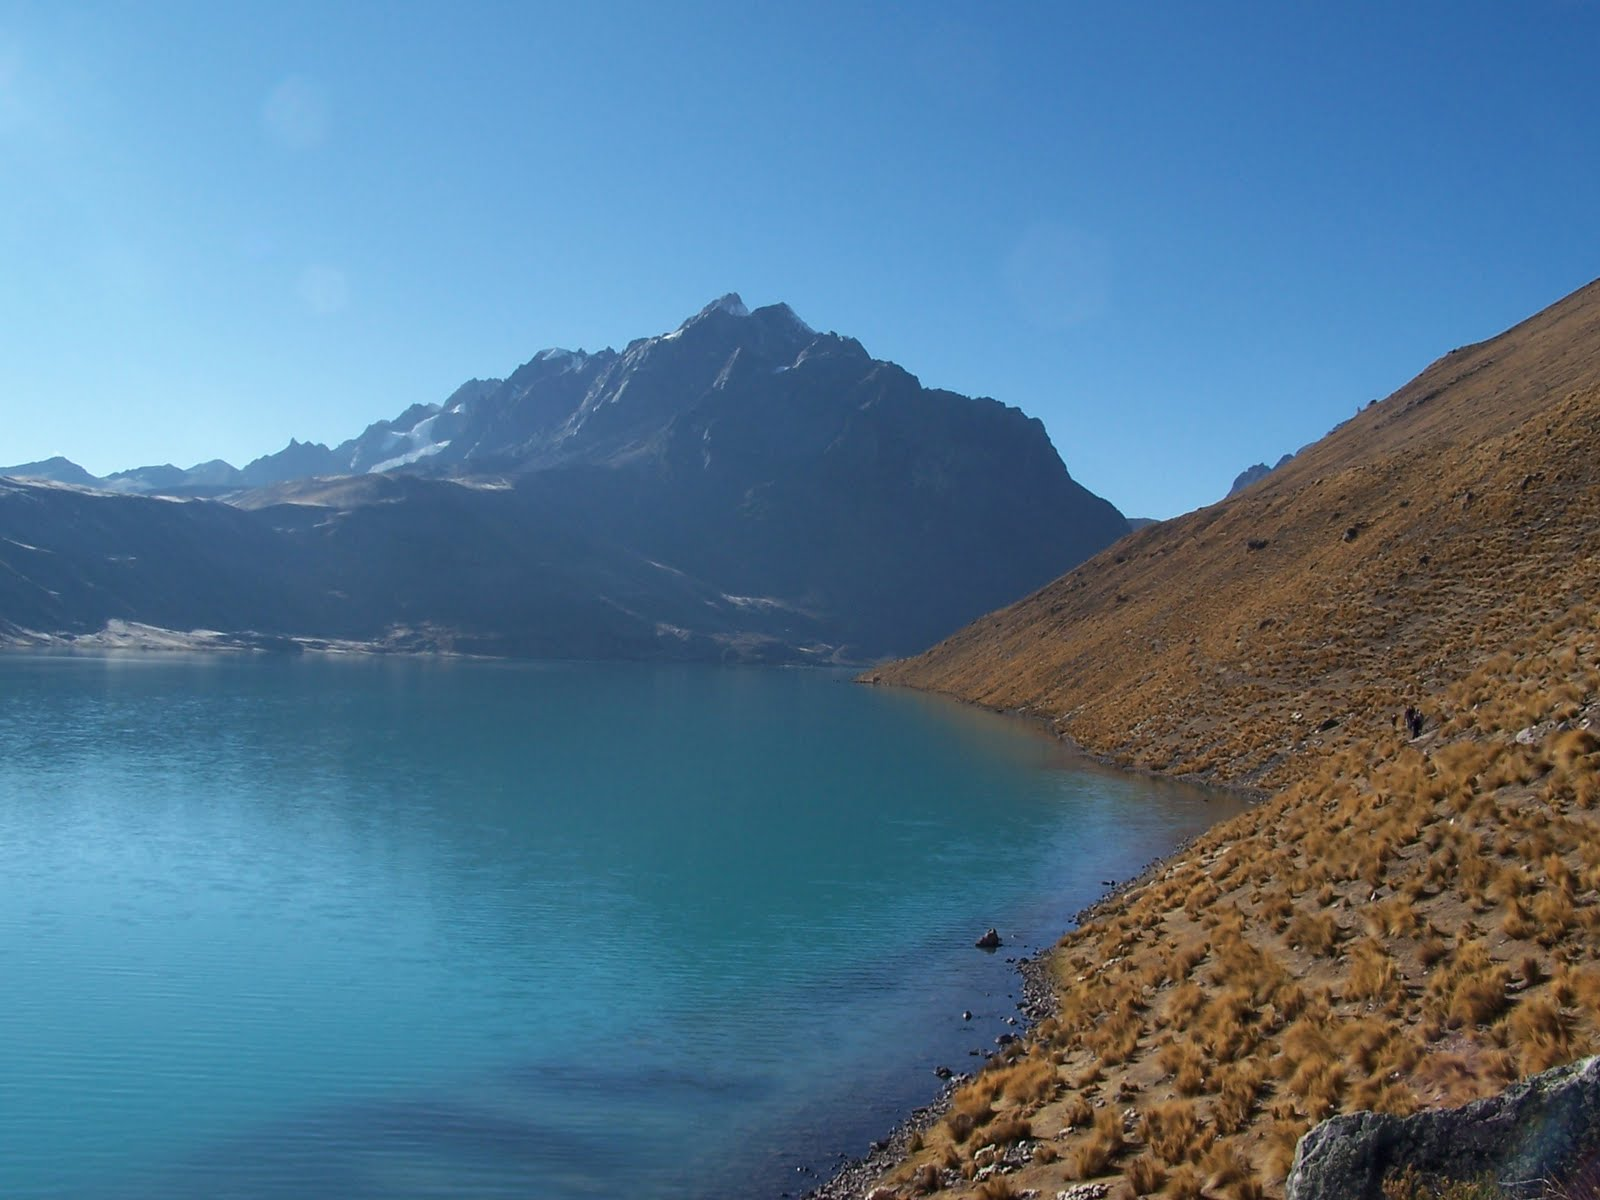 La montagne de p re en fils les lacs ou les miroirs d 39 un for Miroir un paradis